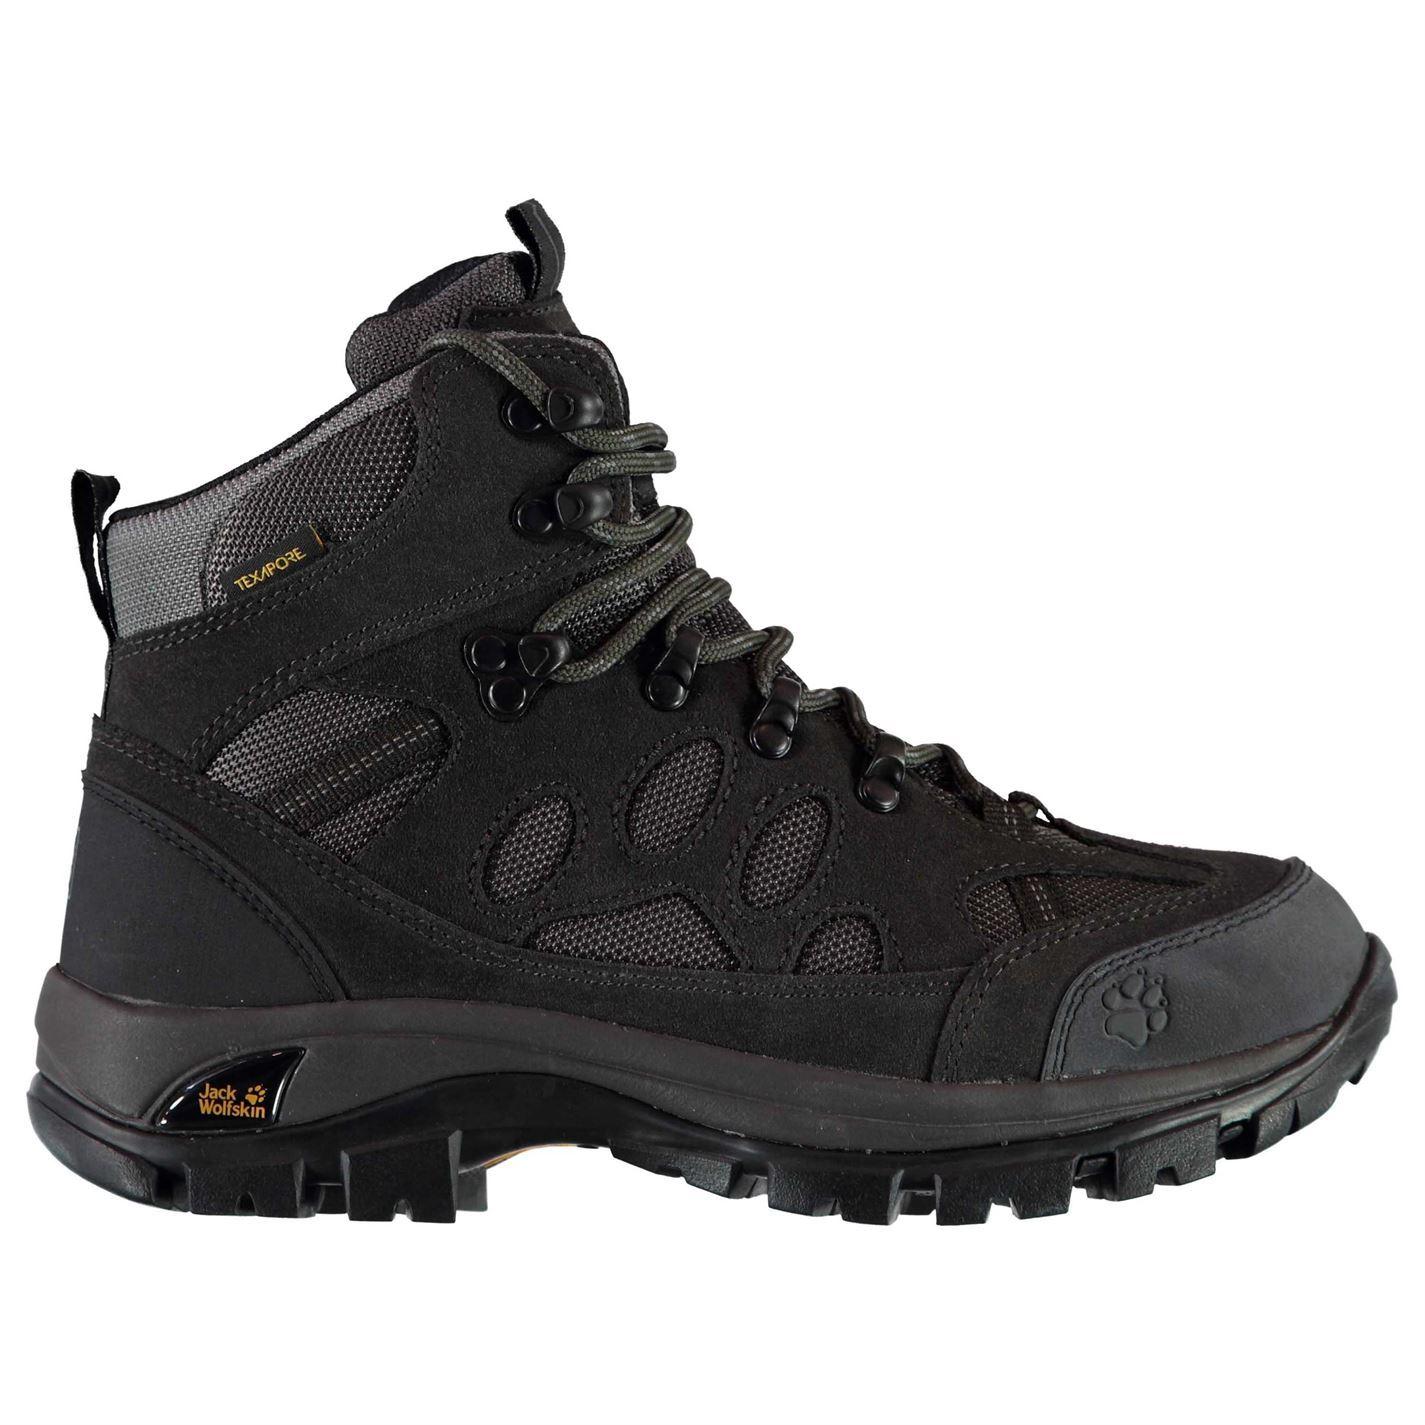 jack wolfskin wo  tout tout tout terrain, col de bottes souliers imperméables cheville capitonnée 7 | Nouveaux Produits  5e9865